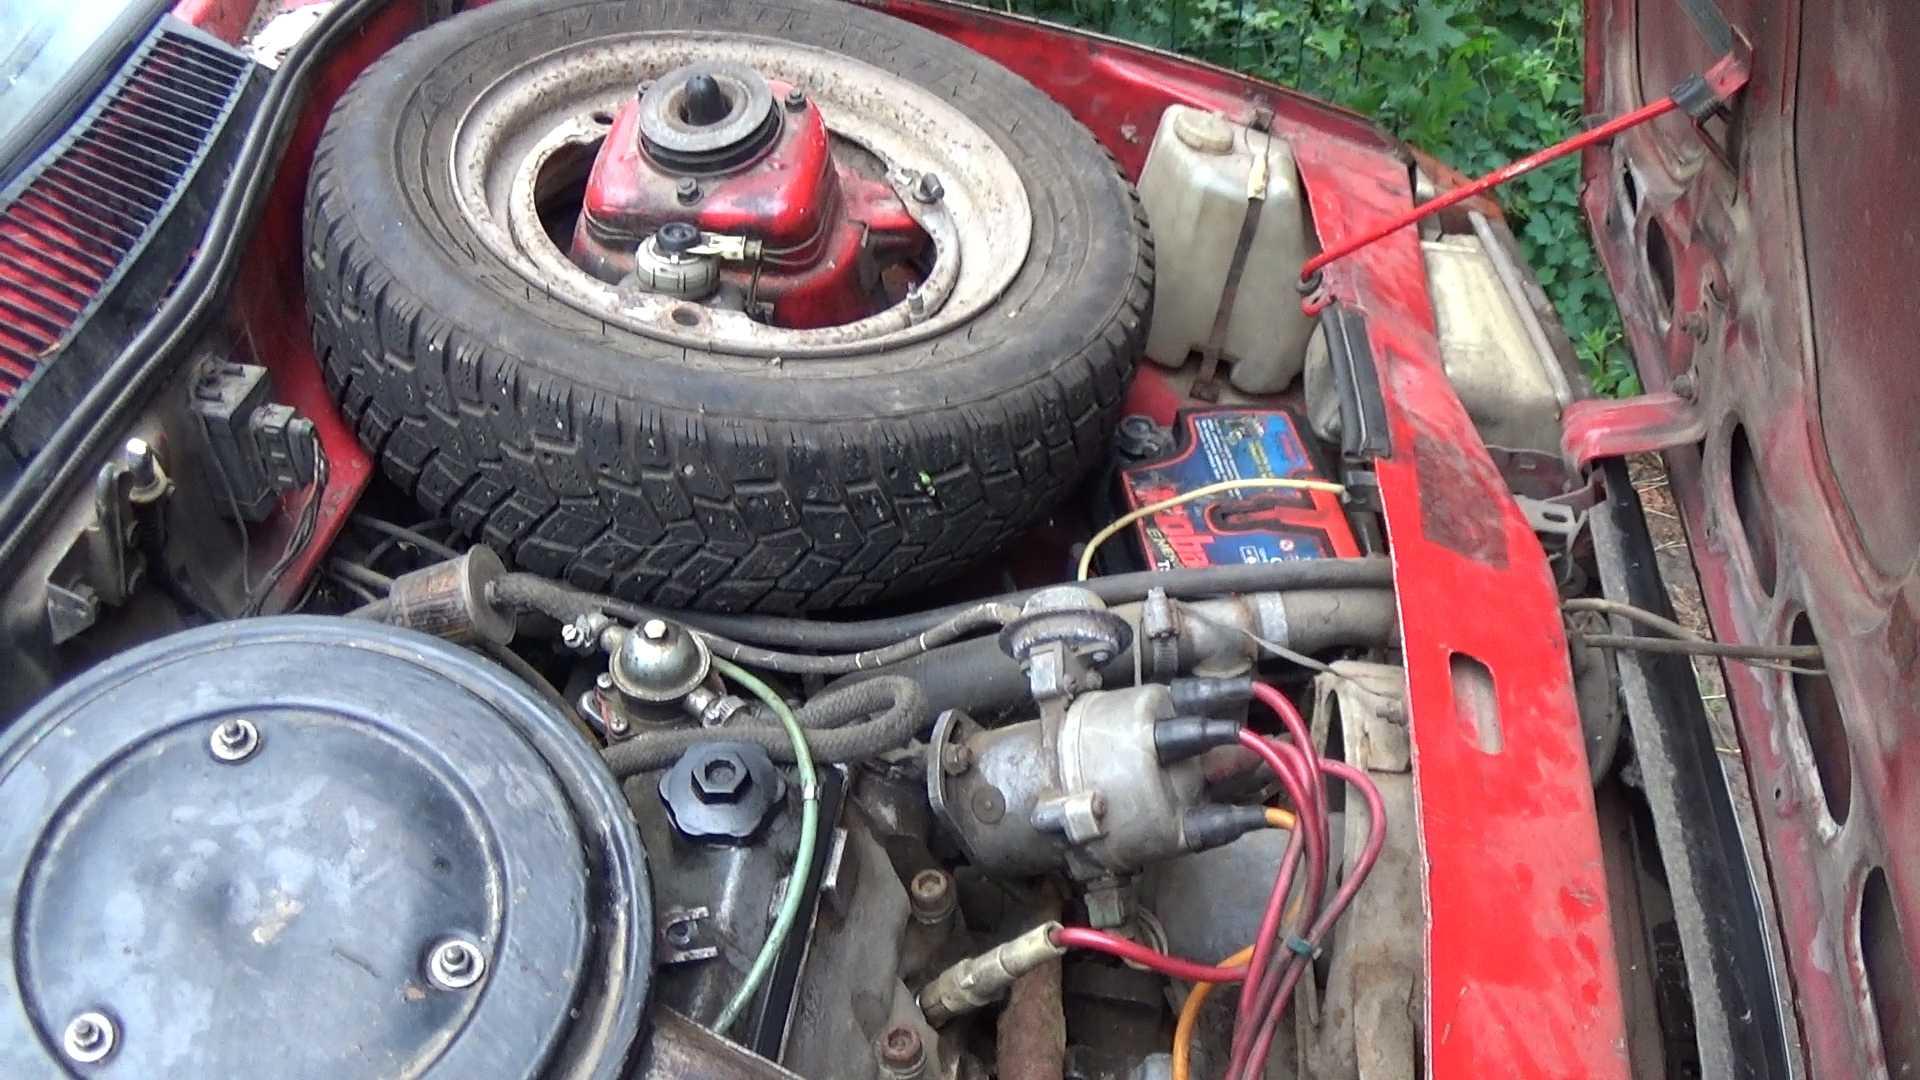 Заз таврия, капитальный ремонт двигателя инструкция онлайн